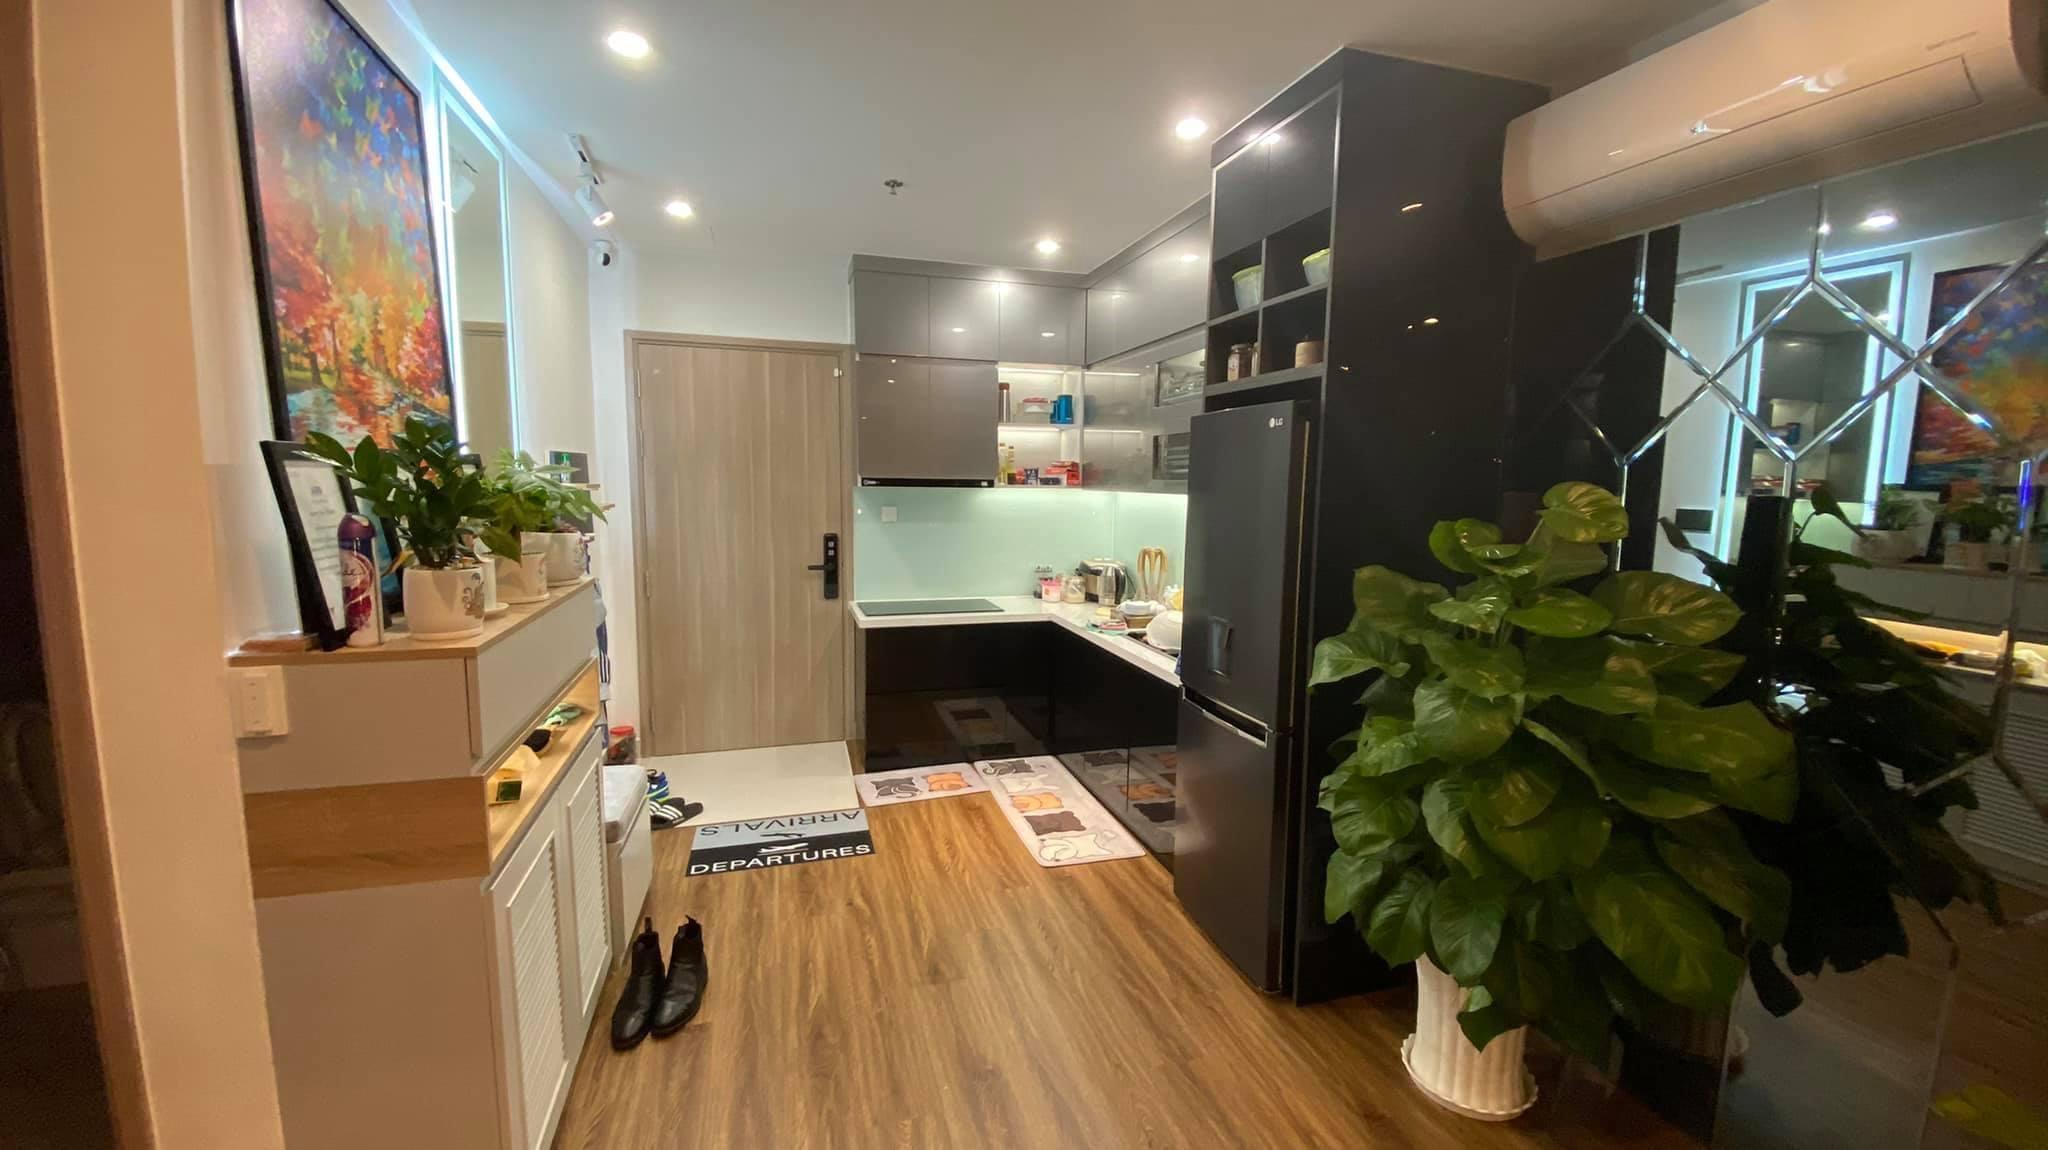 Căn hộ 2 phòng ngủ tầng 19 toà S2.02 Vinhomes Grand Park 8 triệu/tháng